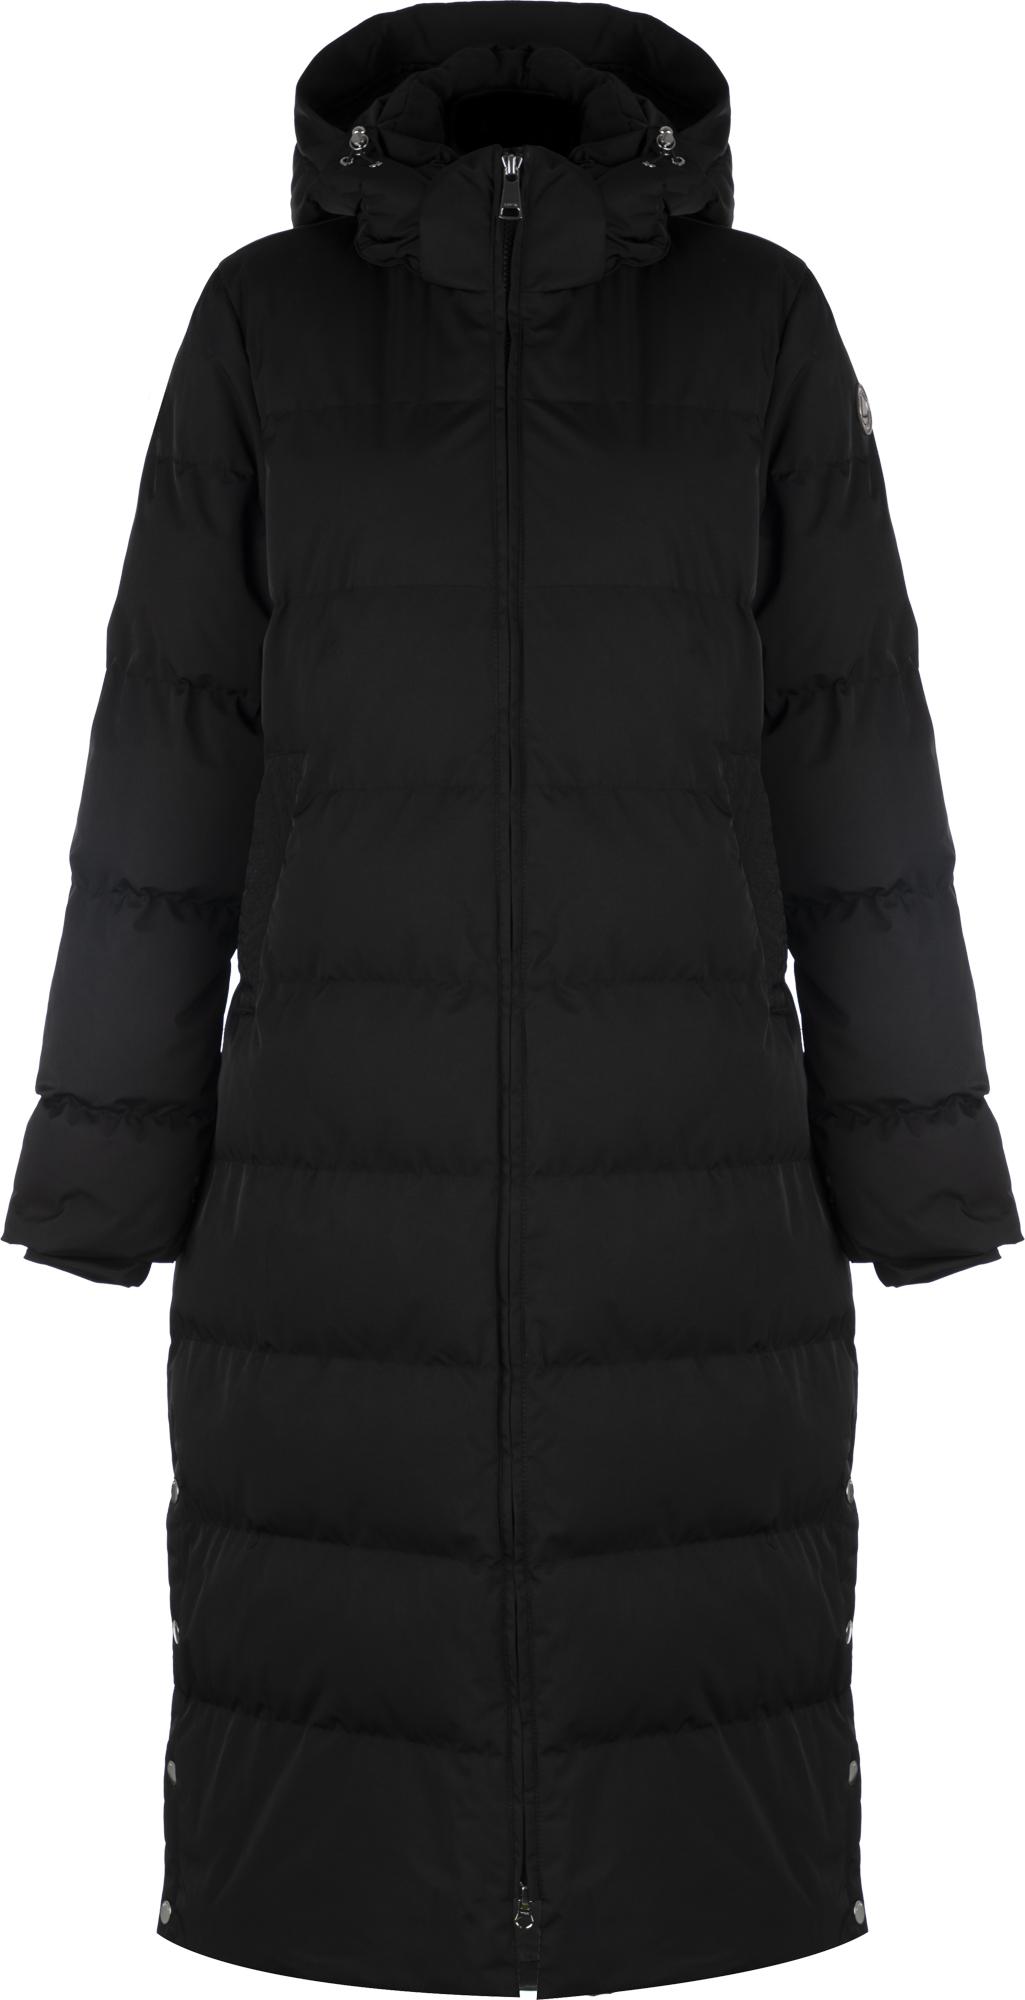 Luhta Пальто утепленное женское Luhta Isooneva, размер 50 женское пальто trafalgar diffuse ricci 2014